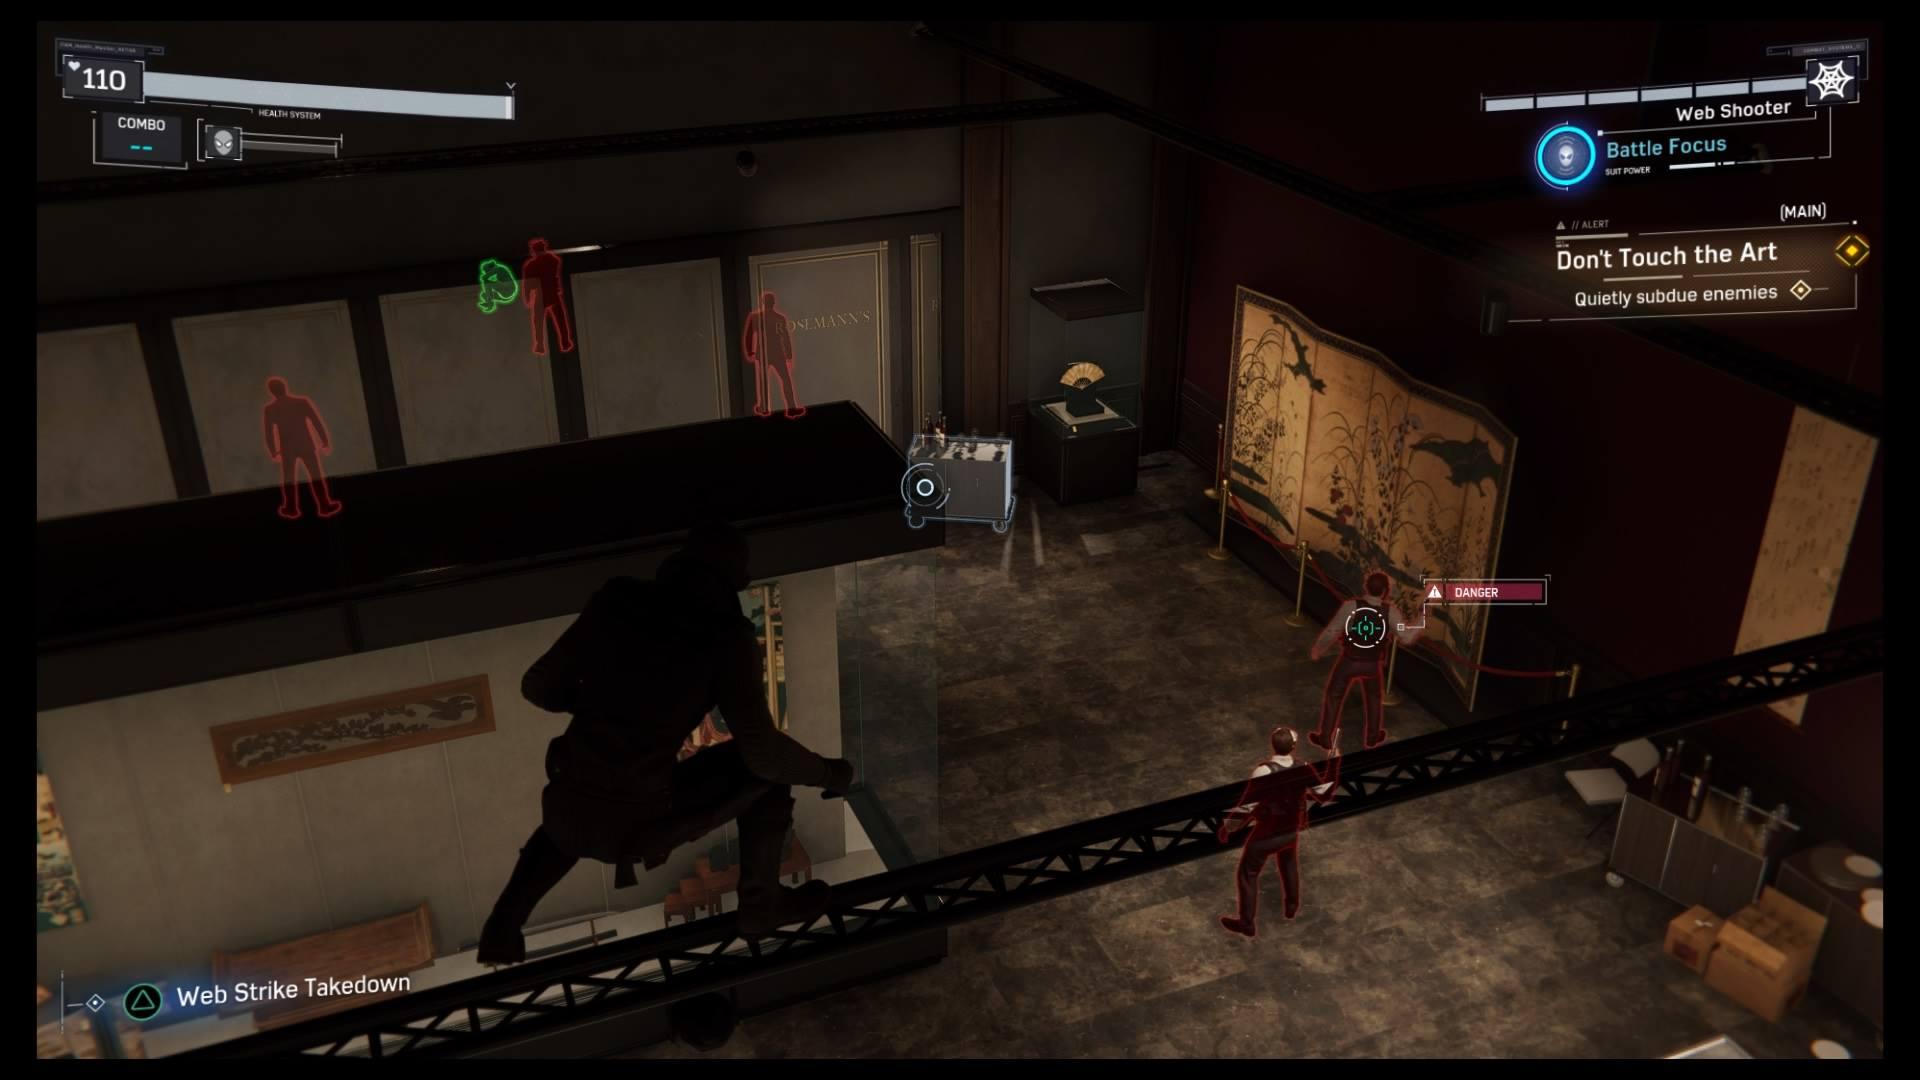 Spider-Man image 12